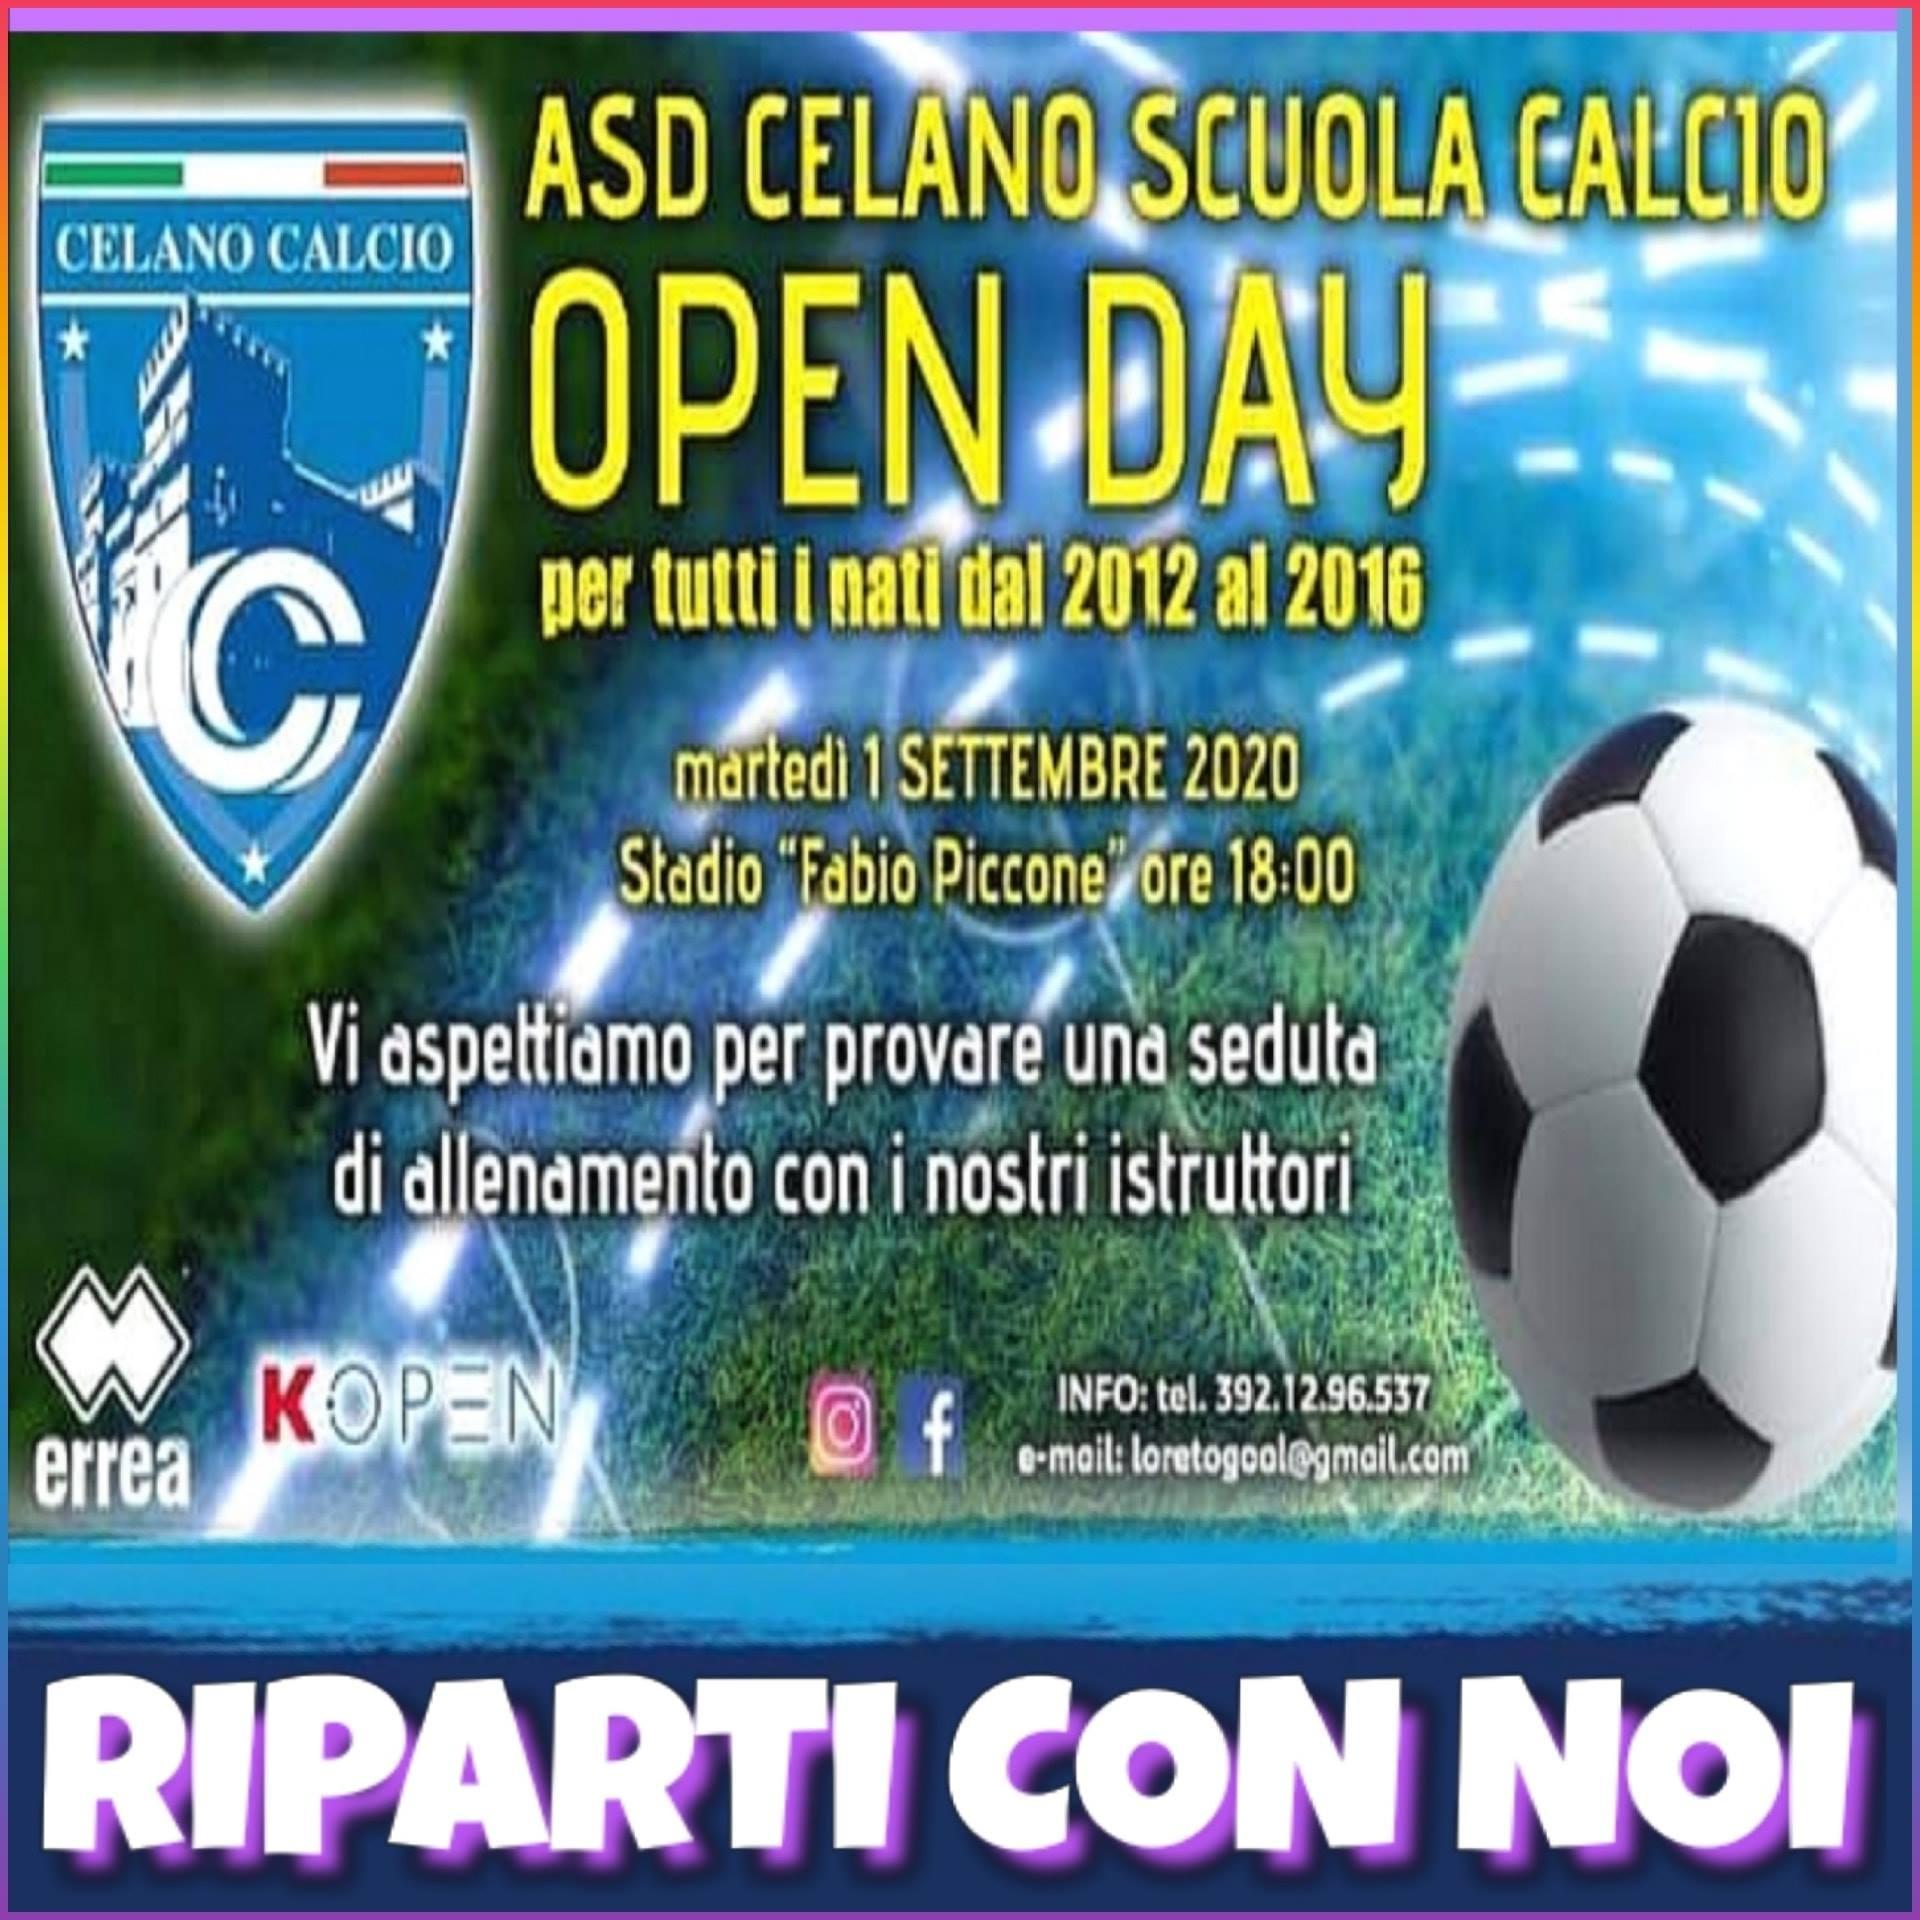 ASD Celano Scuola Calcio, Open Day fissato per martedì 1° settembre